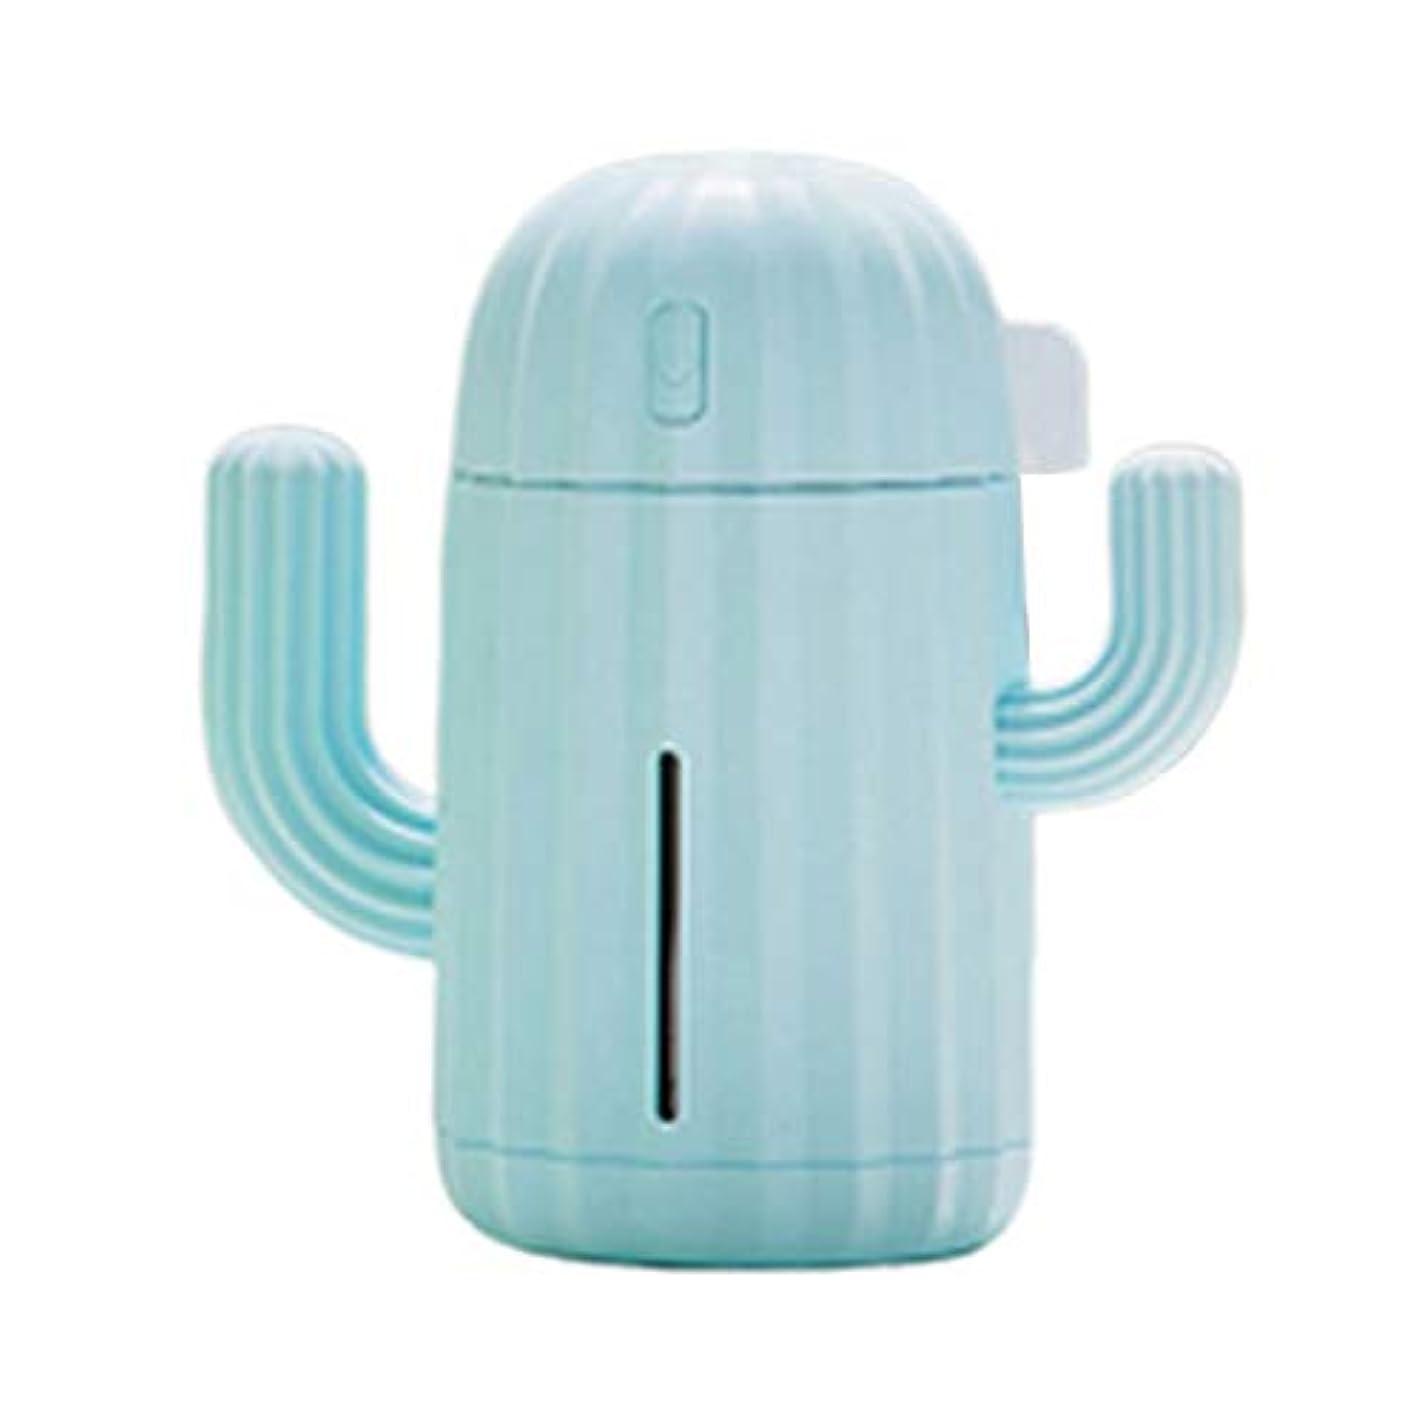 召集する噂農民340Ml Usb Air Humidifier Cactus Timing Aromatherapy Diffuser Mist Mini Aroma Atomizer for Home Essential Oil Diffuser blue